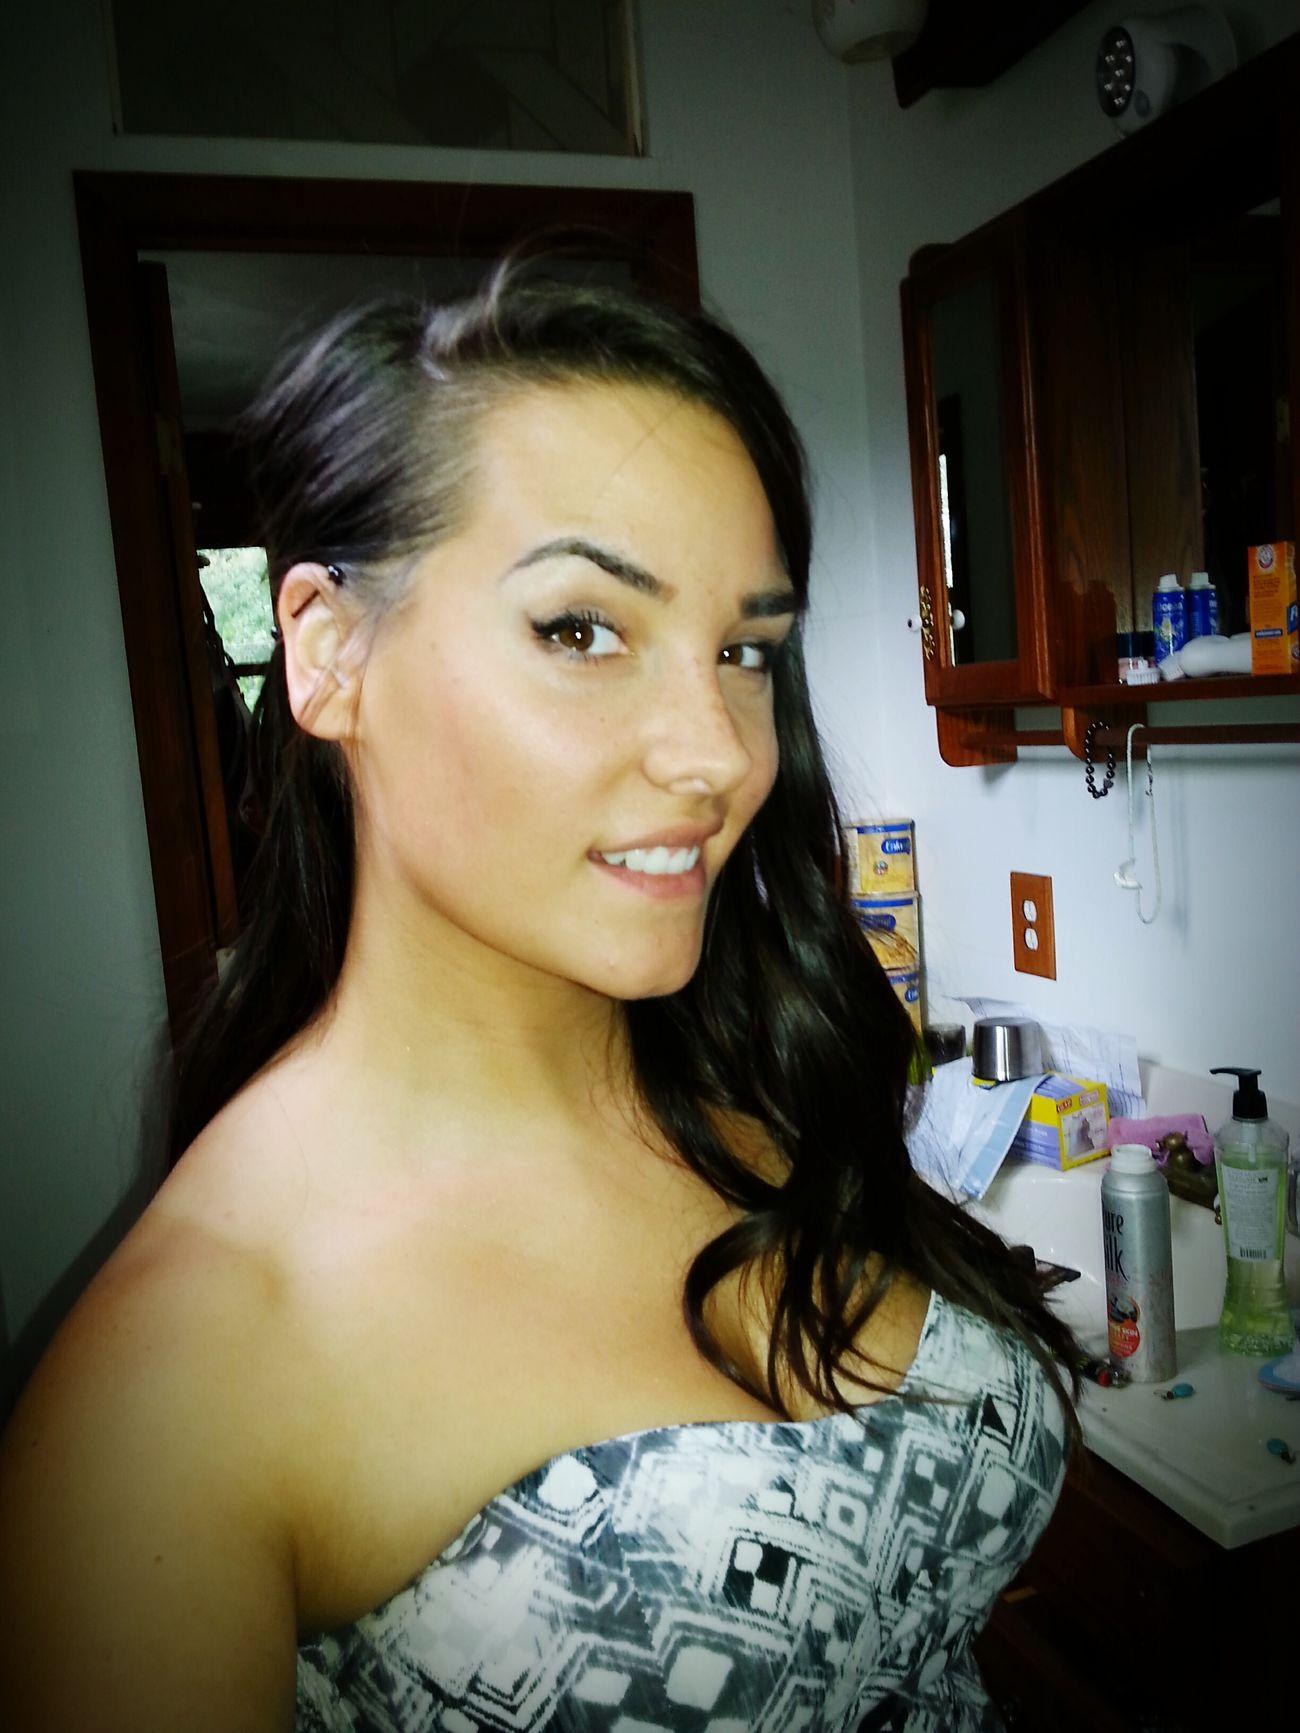 I'm Going #selfie Craaazy... 😍💋💕